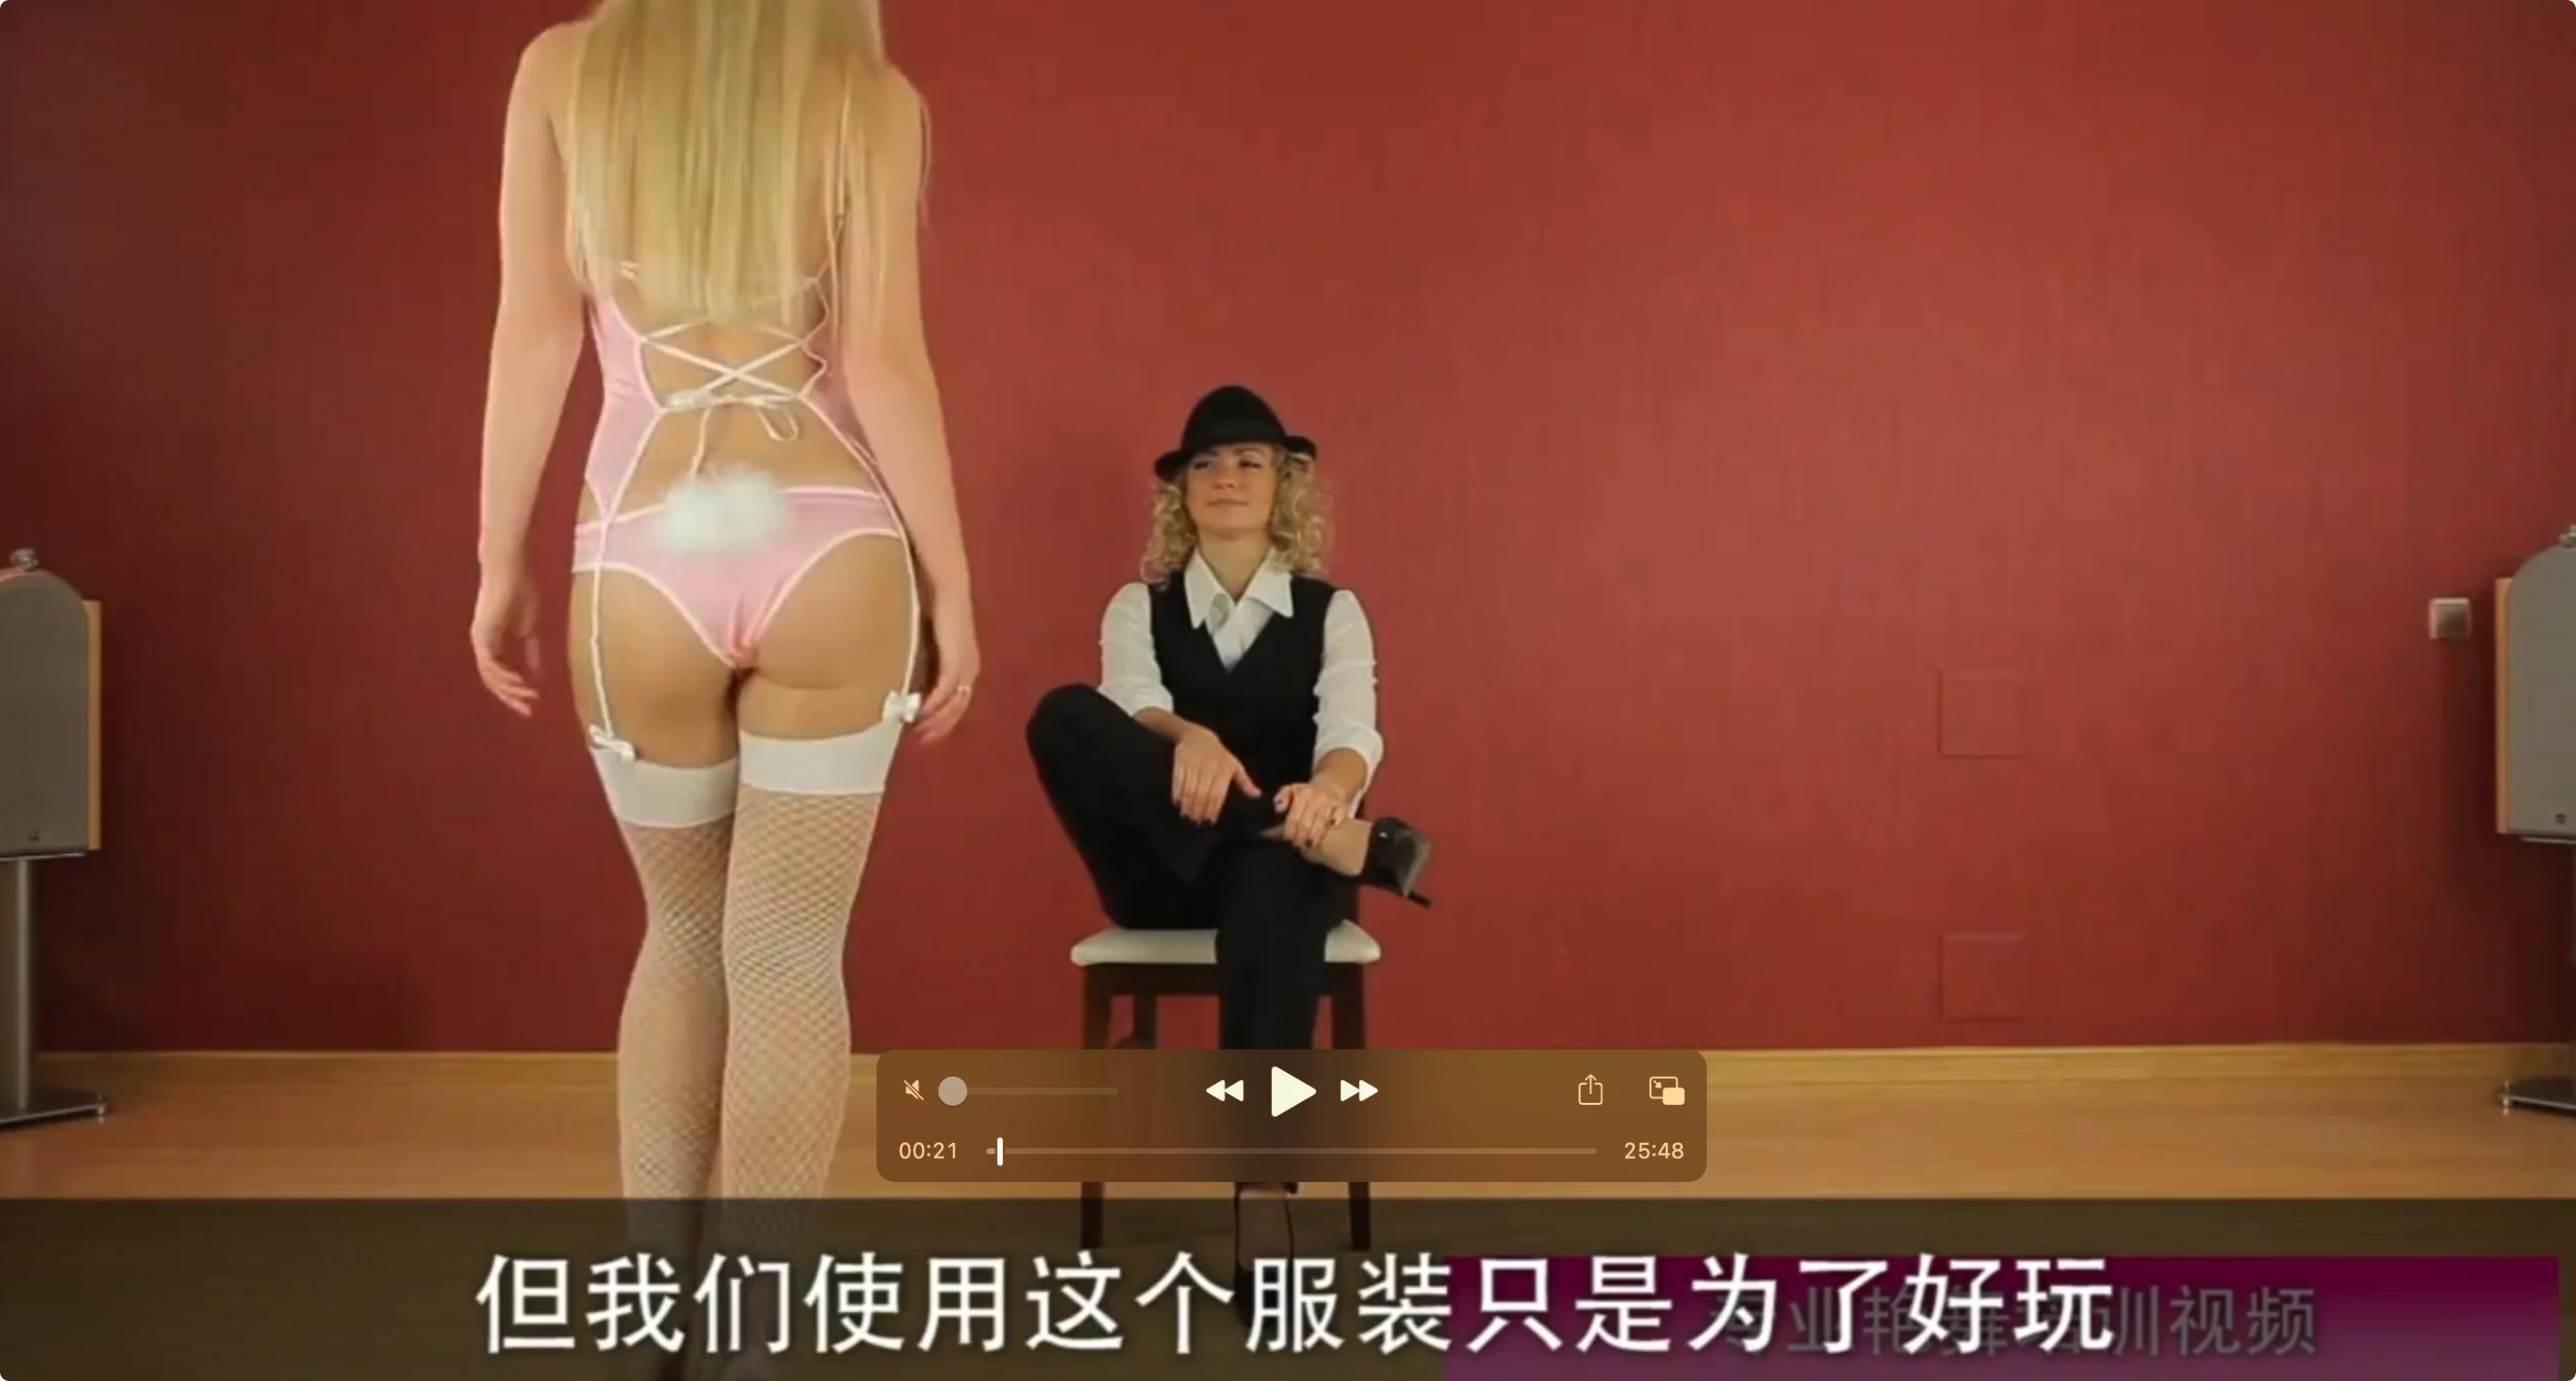 多套极致艳舞视频教程,撩拨他的极致诱惑